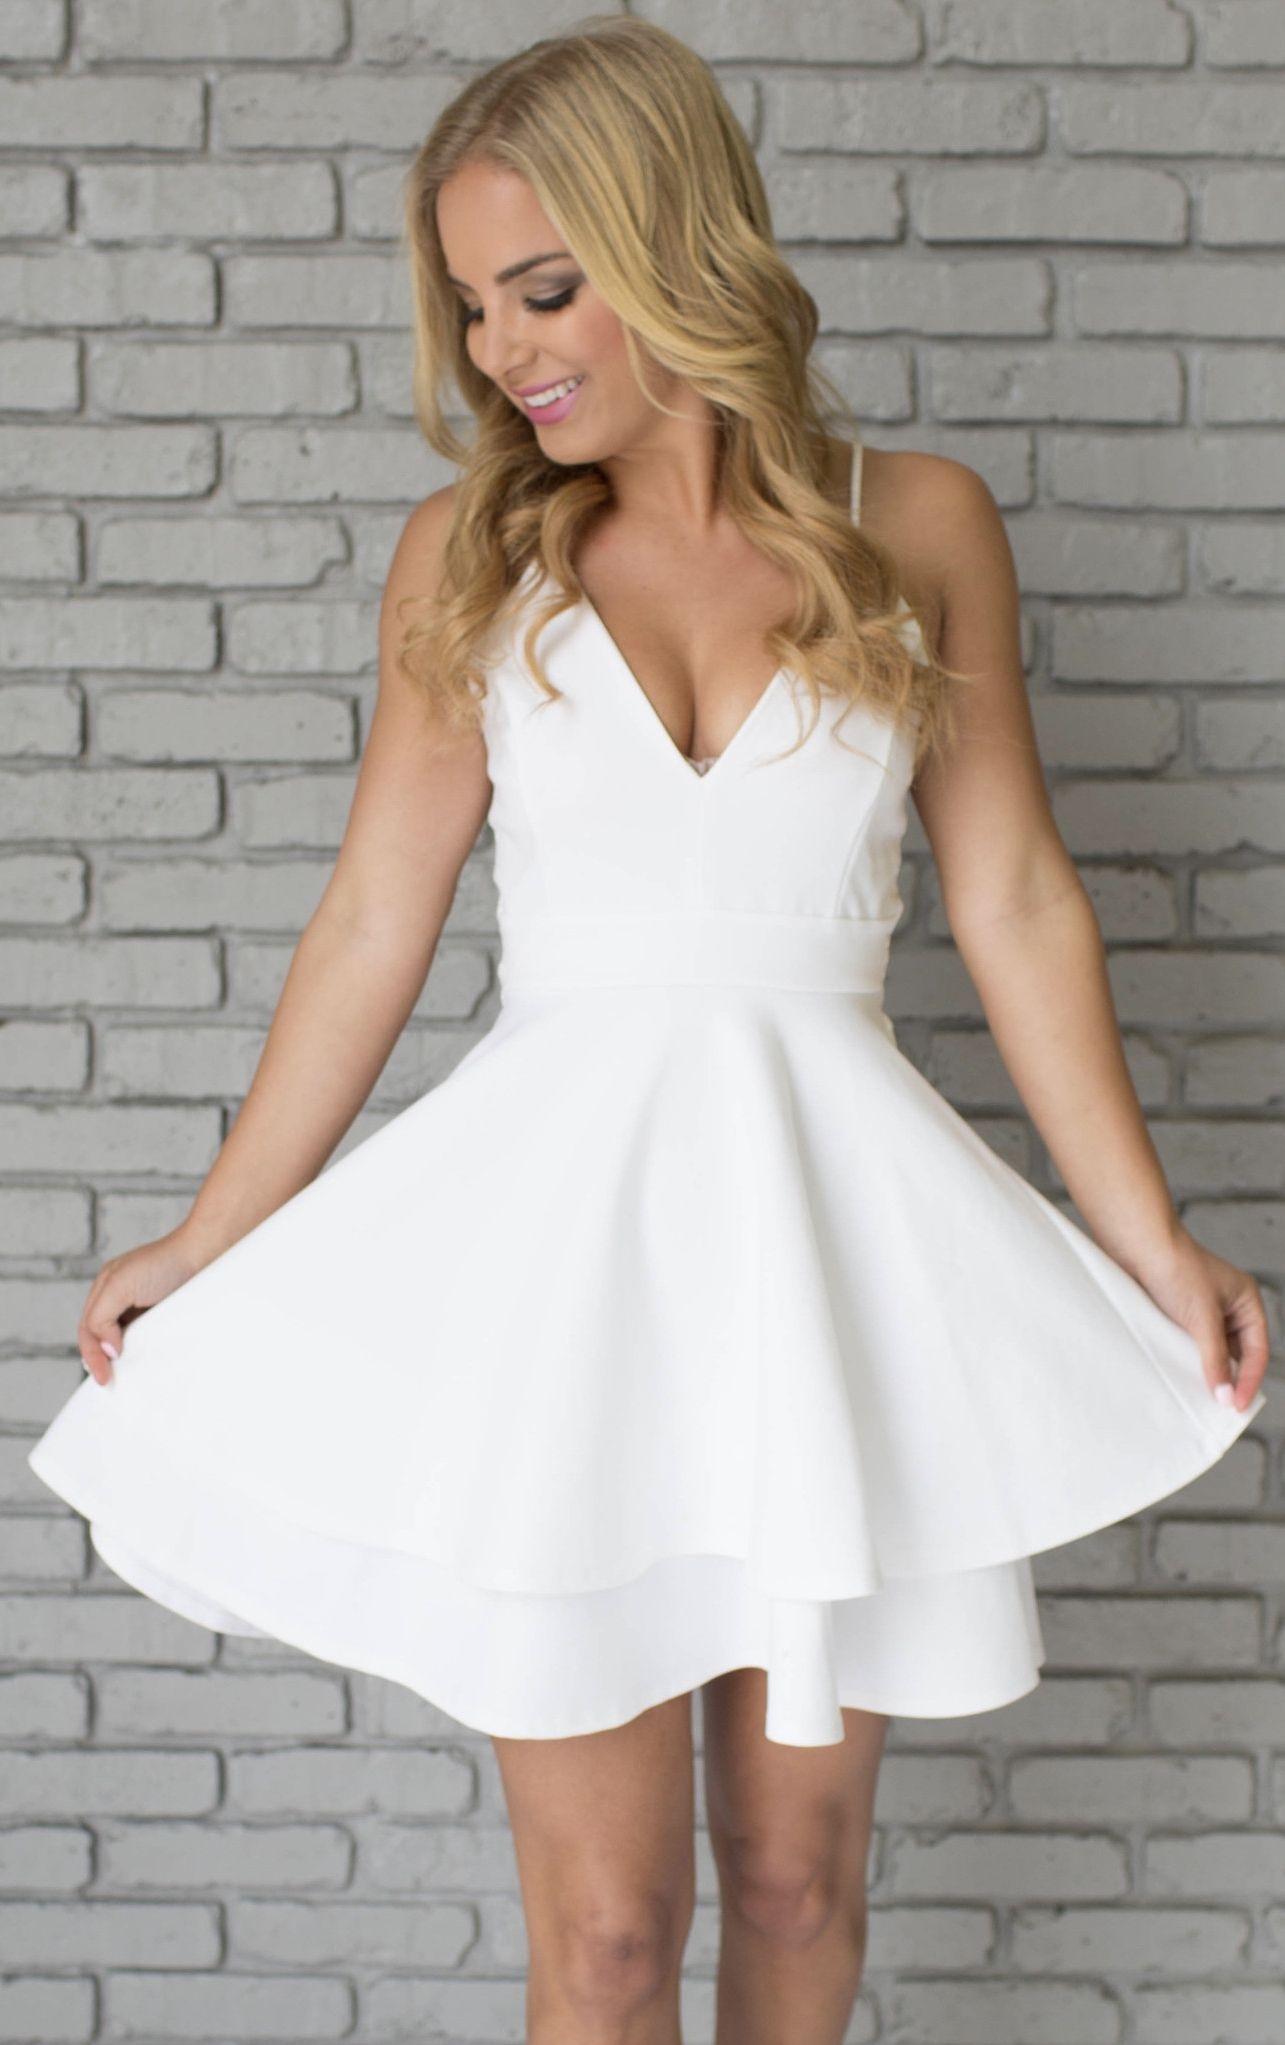 White homecoming dresses spaghettis straps layers skirt aline short